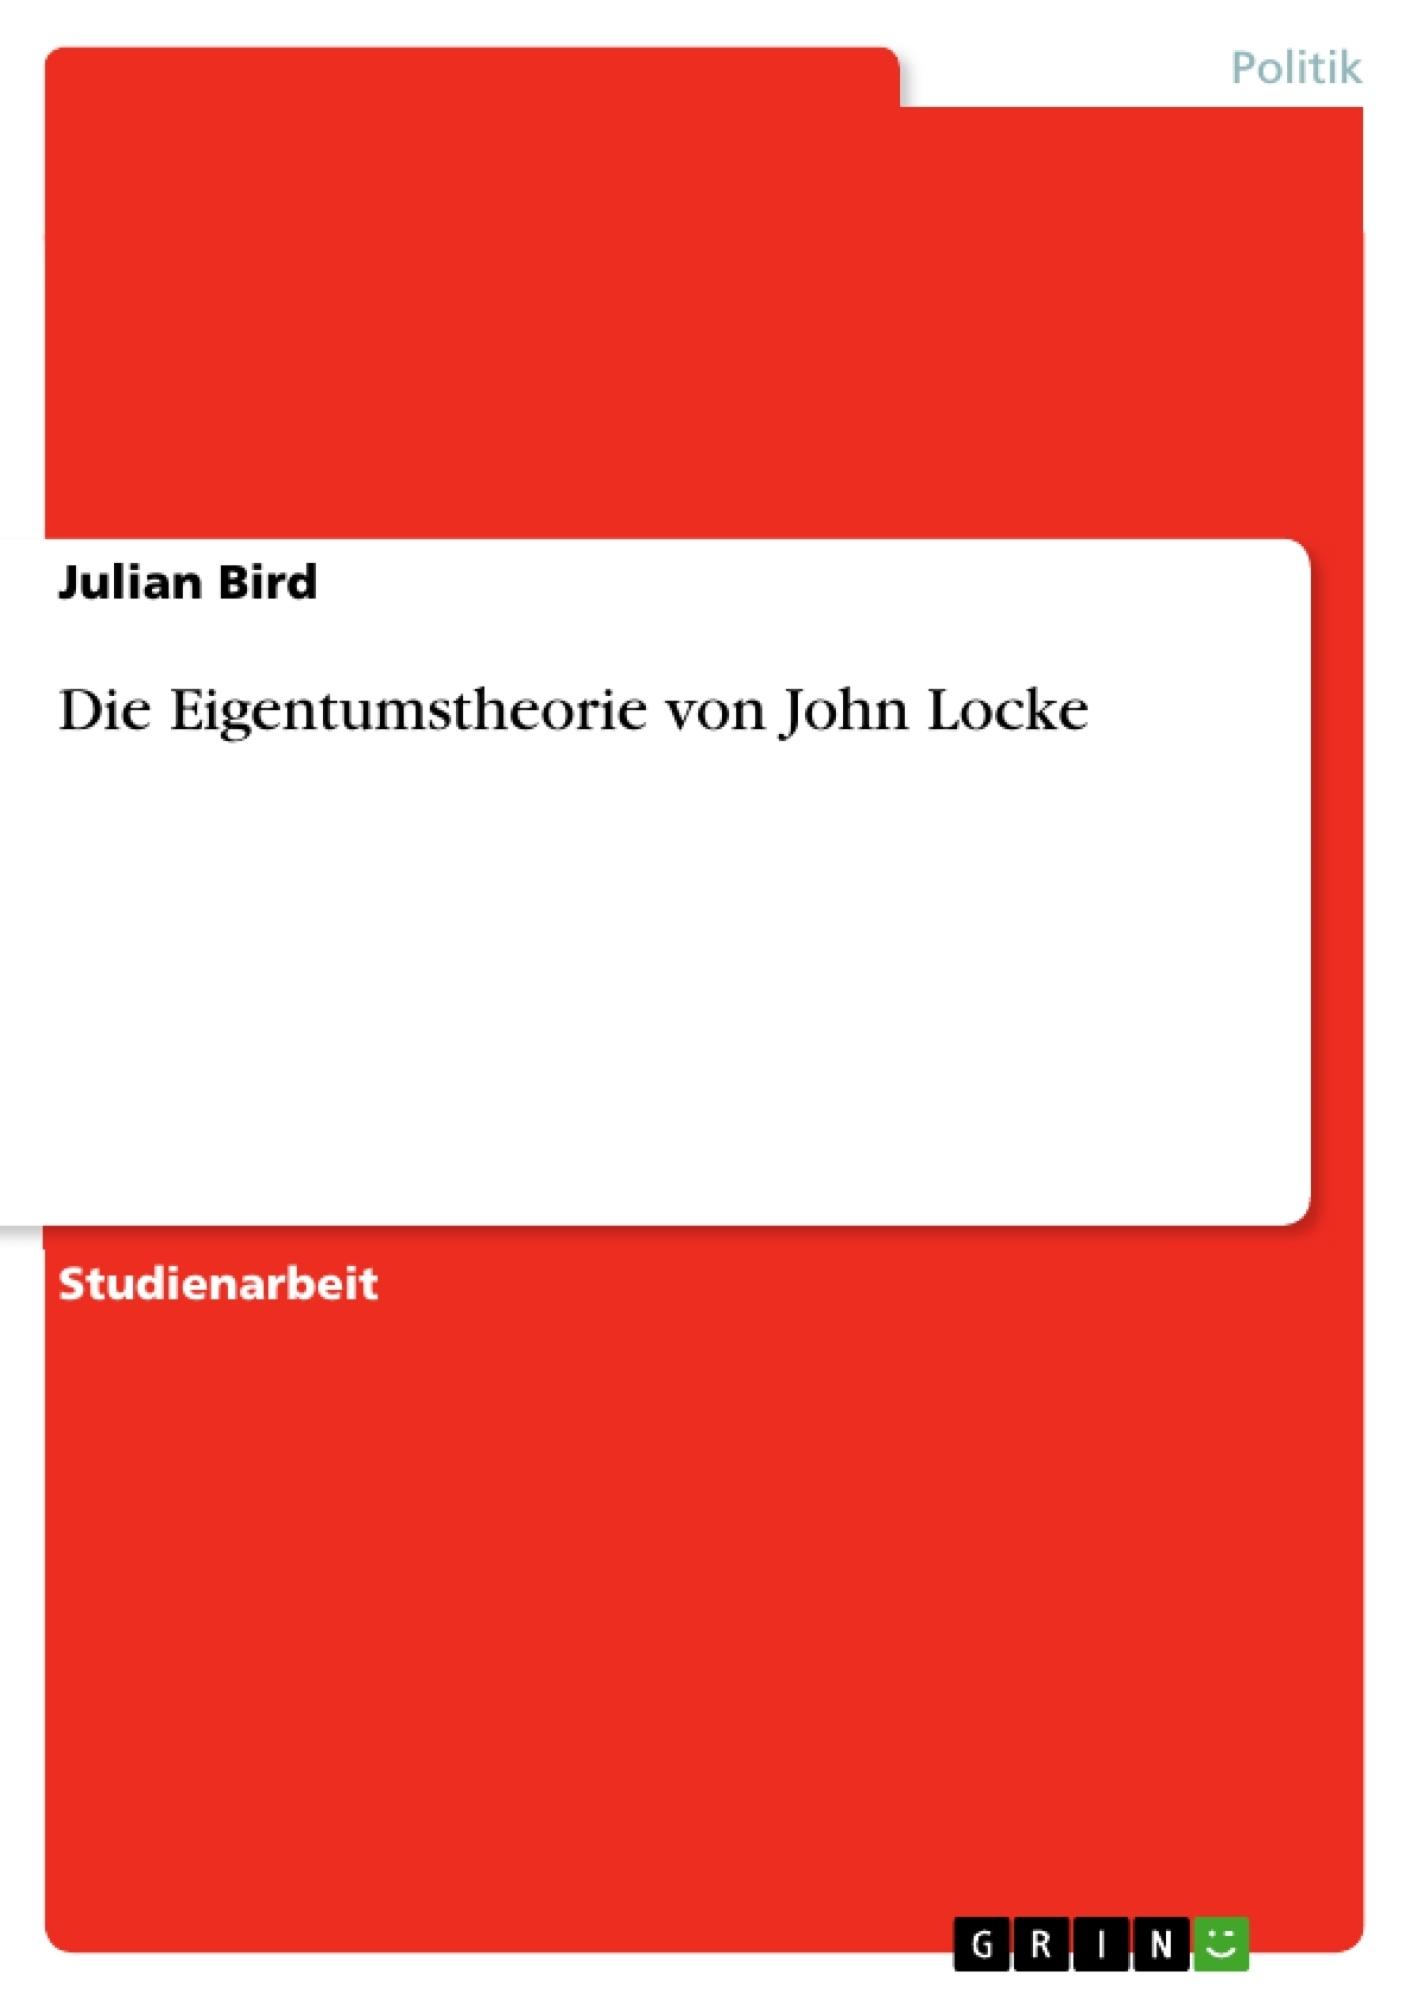 Titel: Die Eigentumstheorie von John Locke